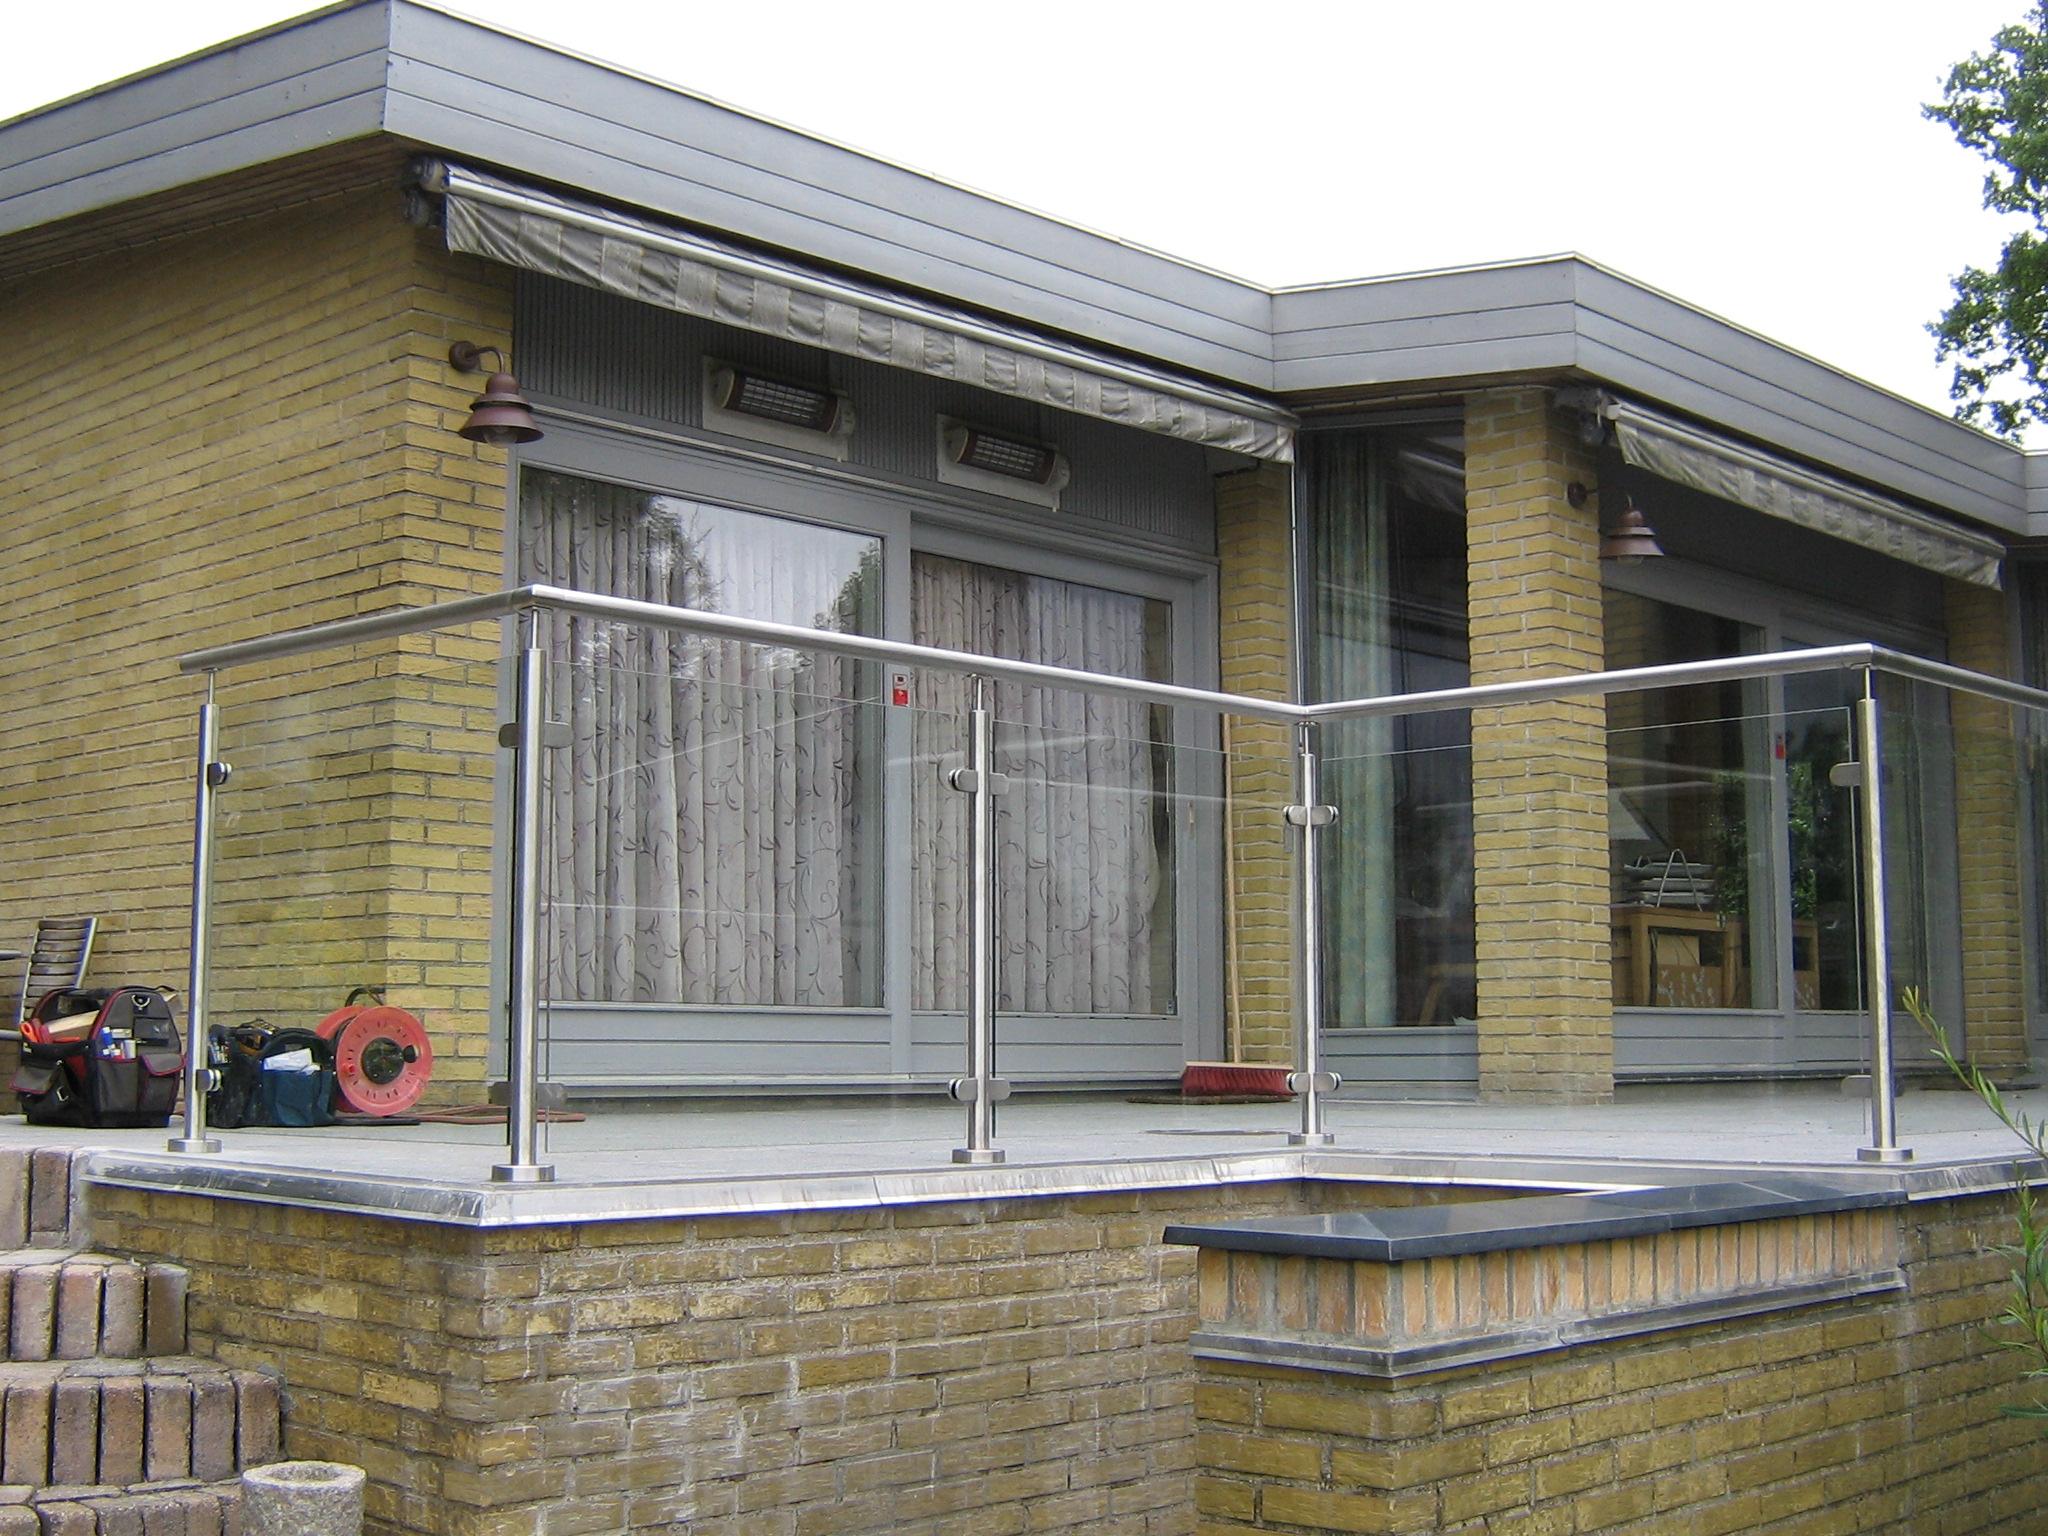 terrasse glas l hegn l sk rm gel nder glas l hegn staal og. Black Bedroom Furniture Sets. Home Design Ideas